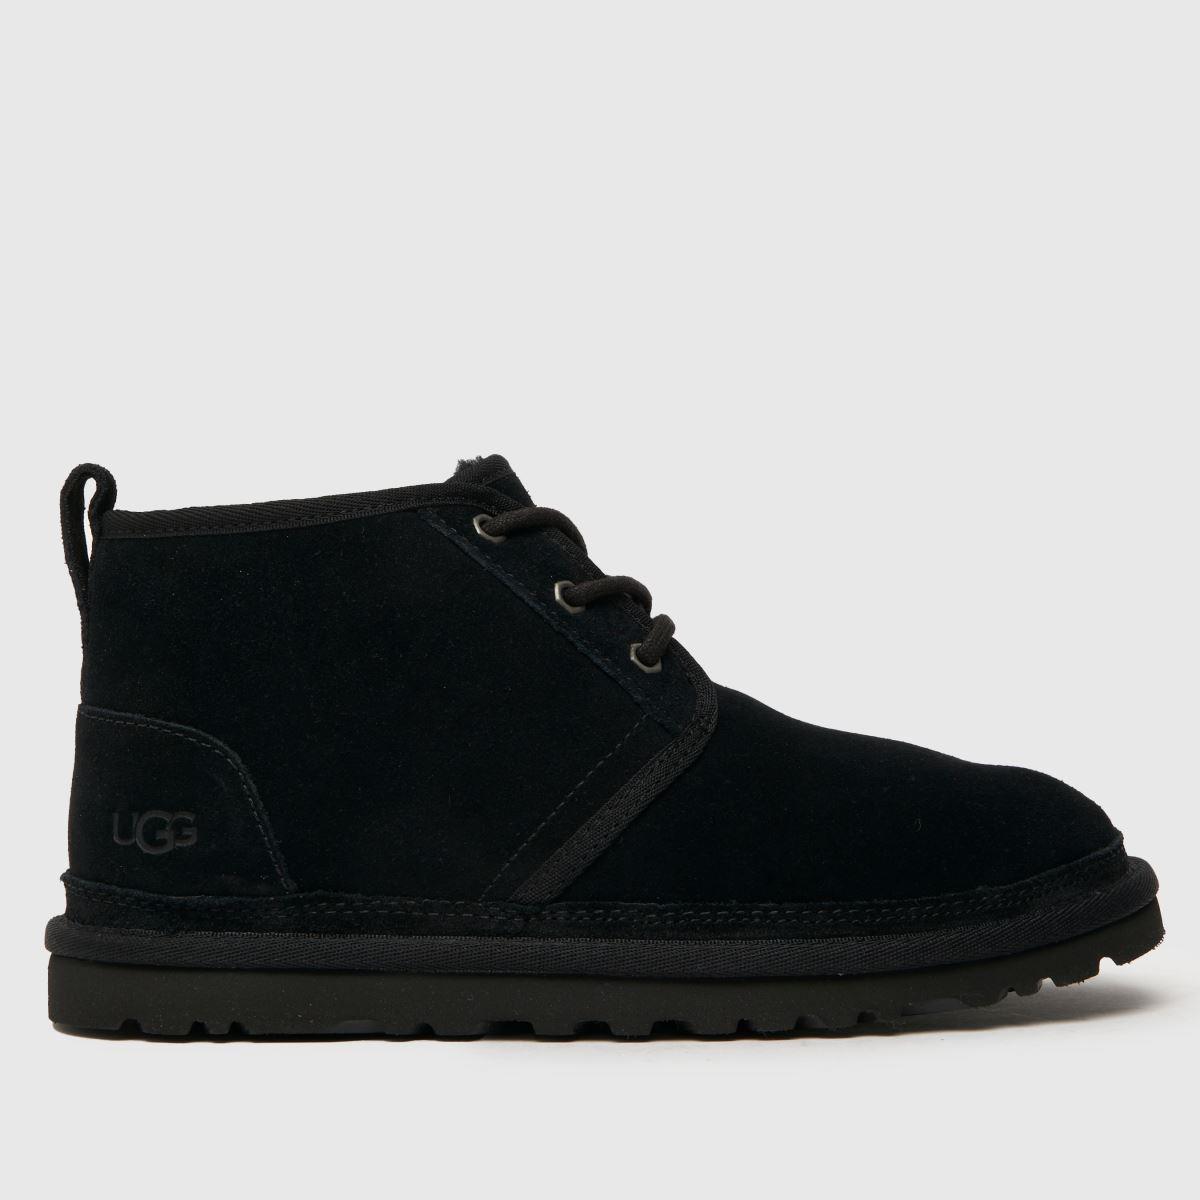 Ugg Black Neumel Boots